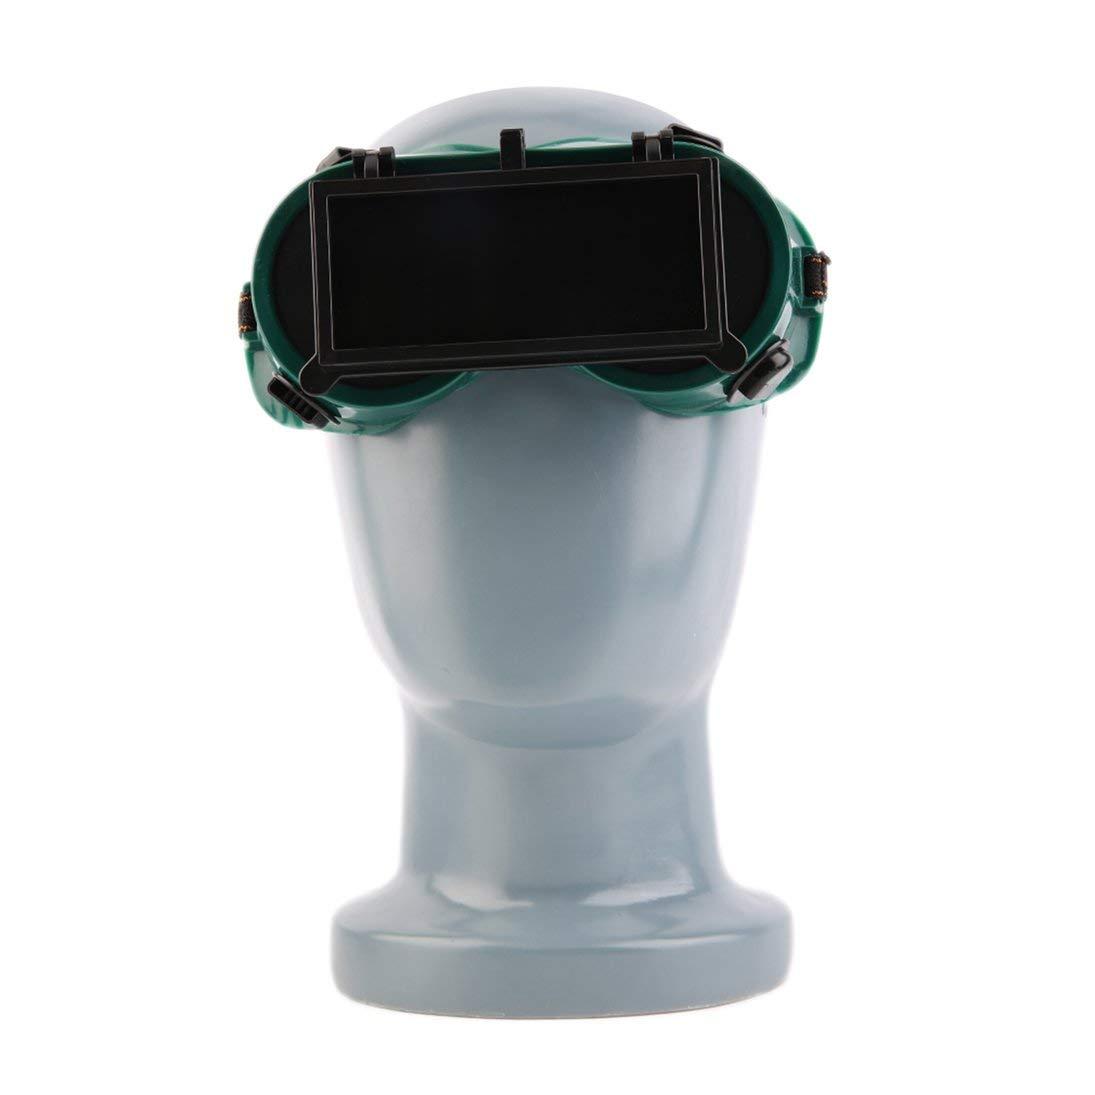 S/úper Ofertas Gafas de soldar Gafas de soldar port/átiles con Tapa Protectora Gafas de Lija ToGames-ES